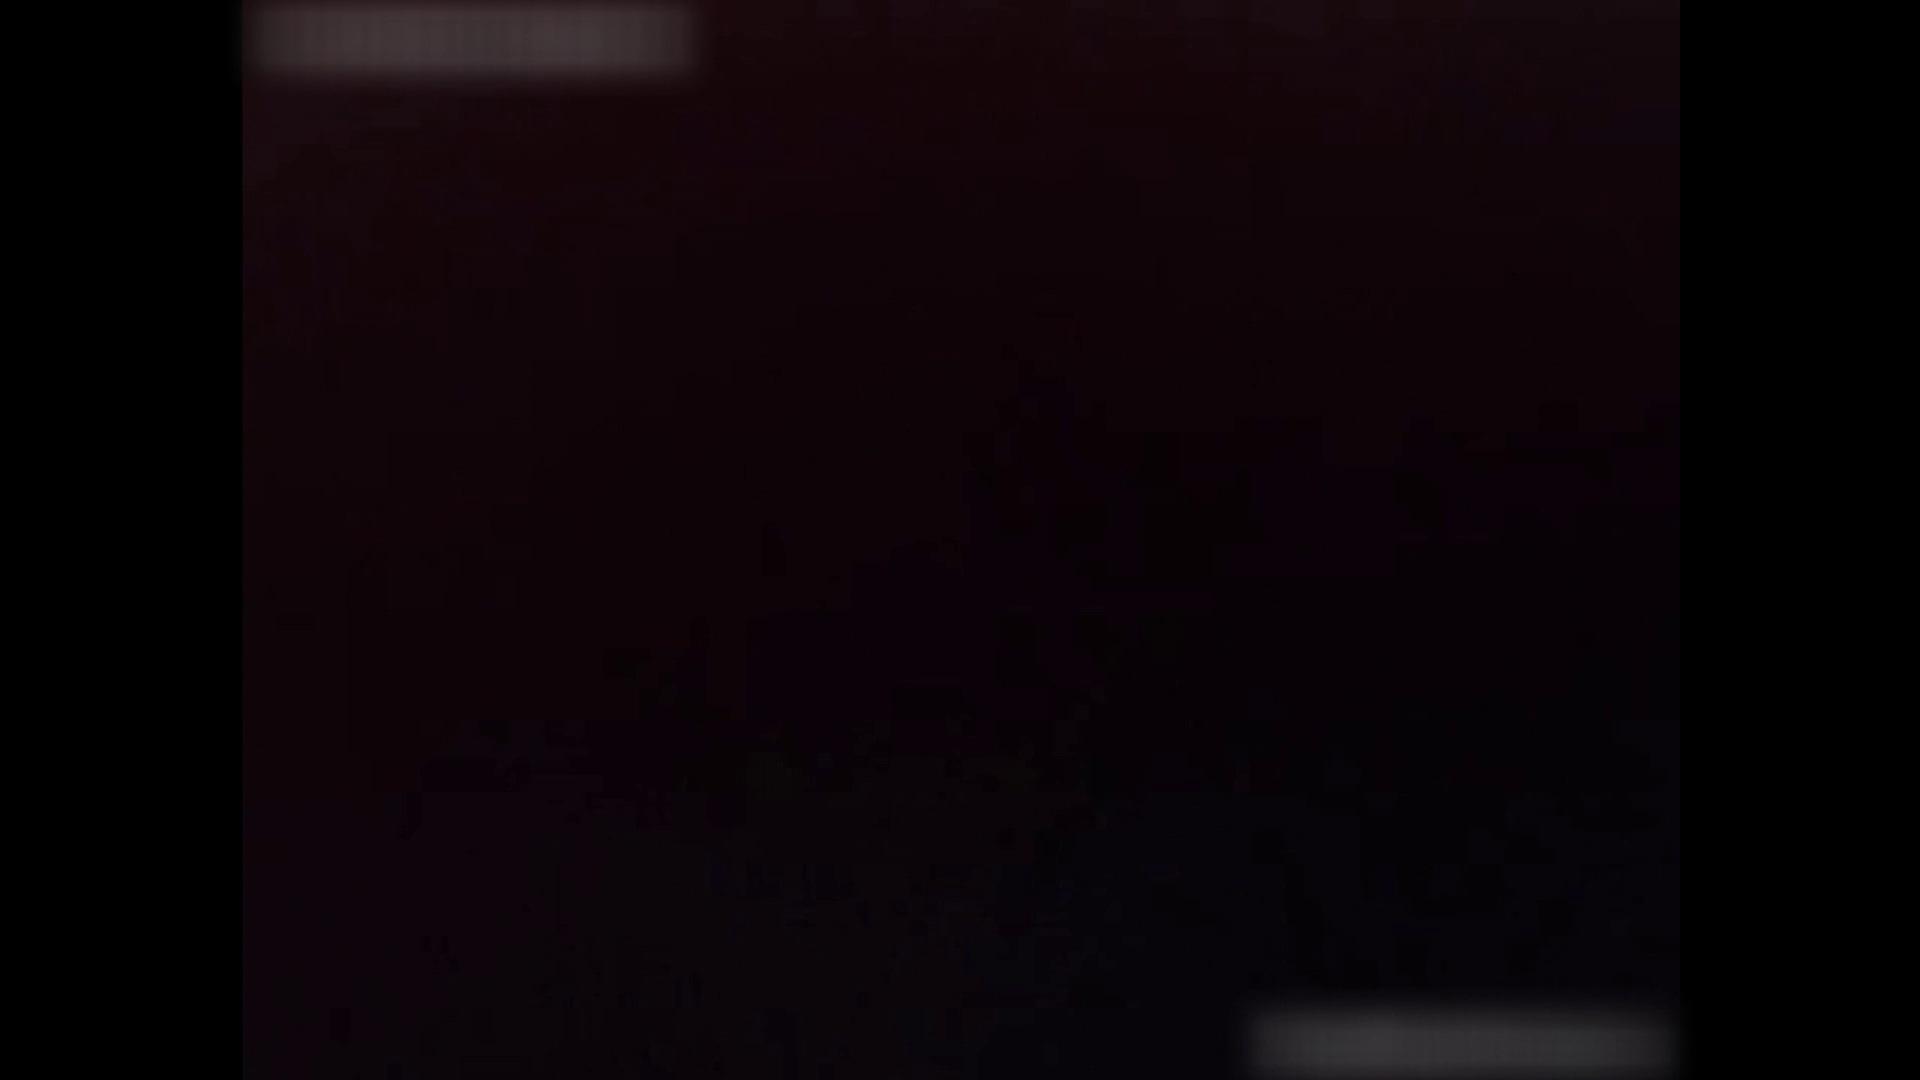 ライブチャットオナニー覗きvol.22 OLのエロ生活  39連発 12